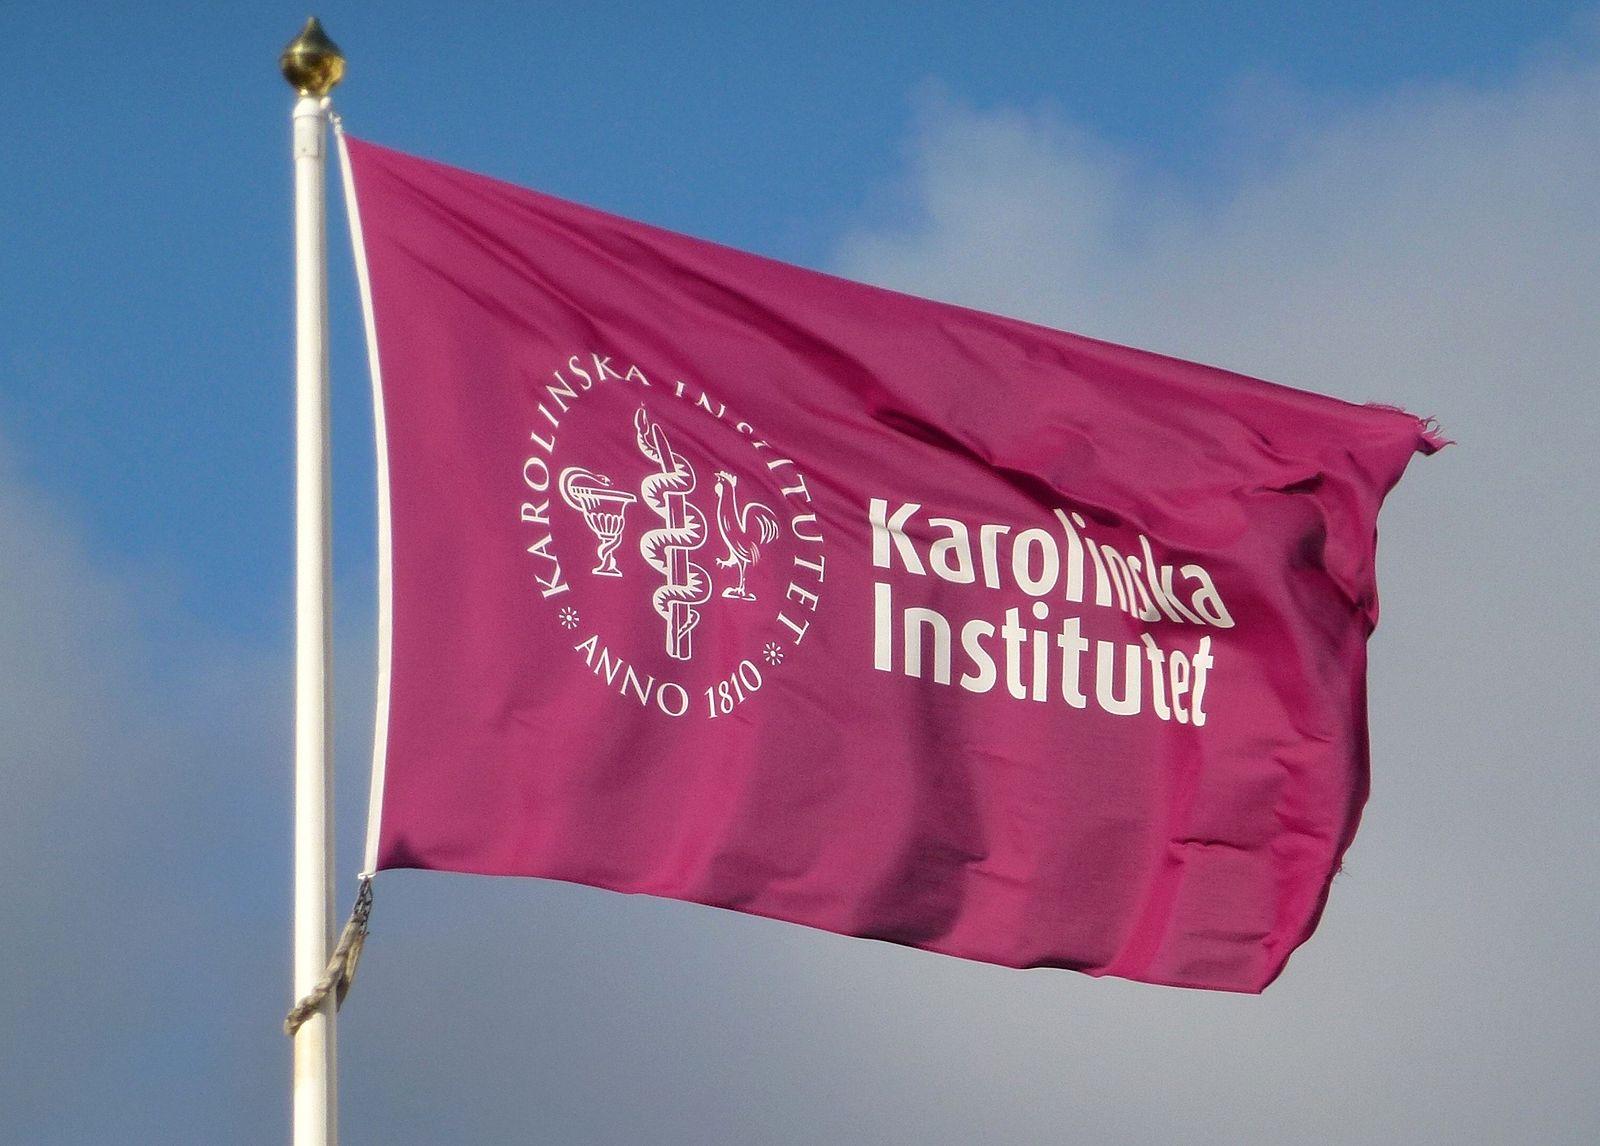 dissertations from karolinska institutet International project with Karolinska Institutet